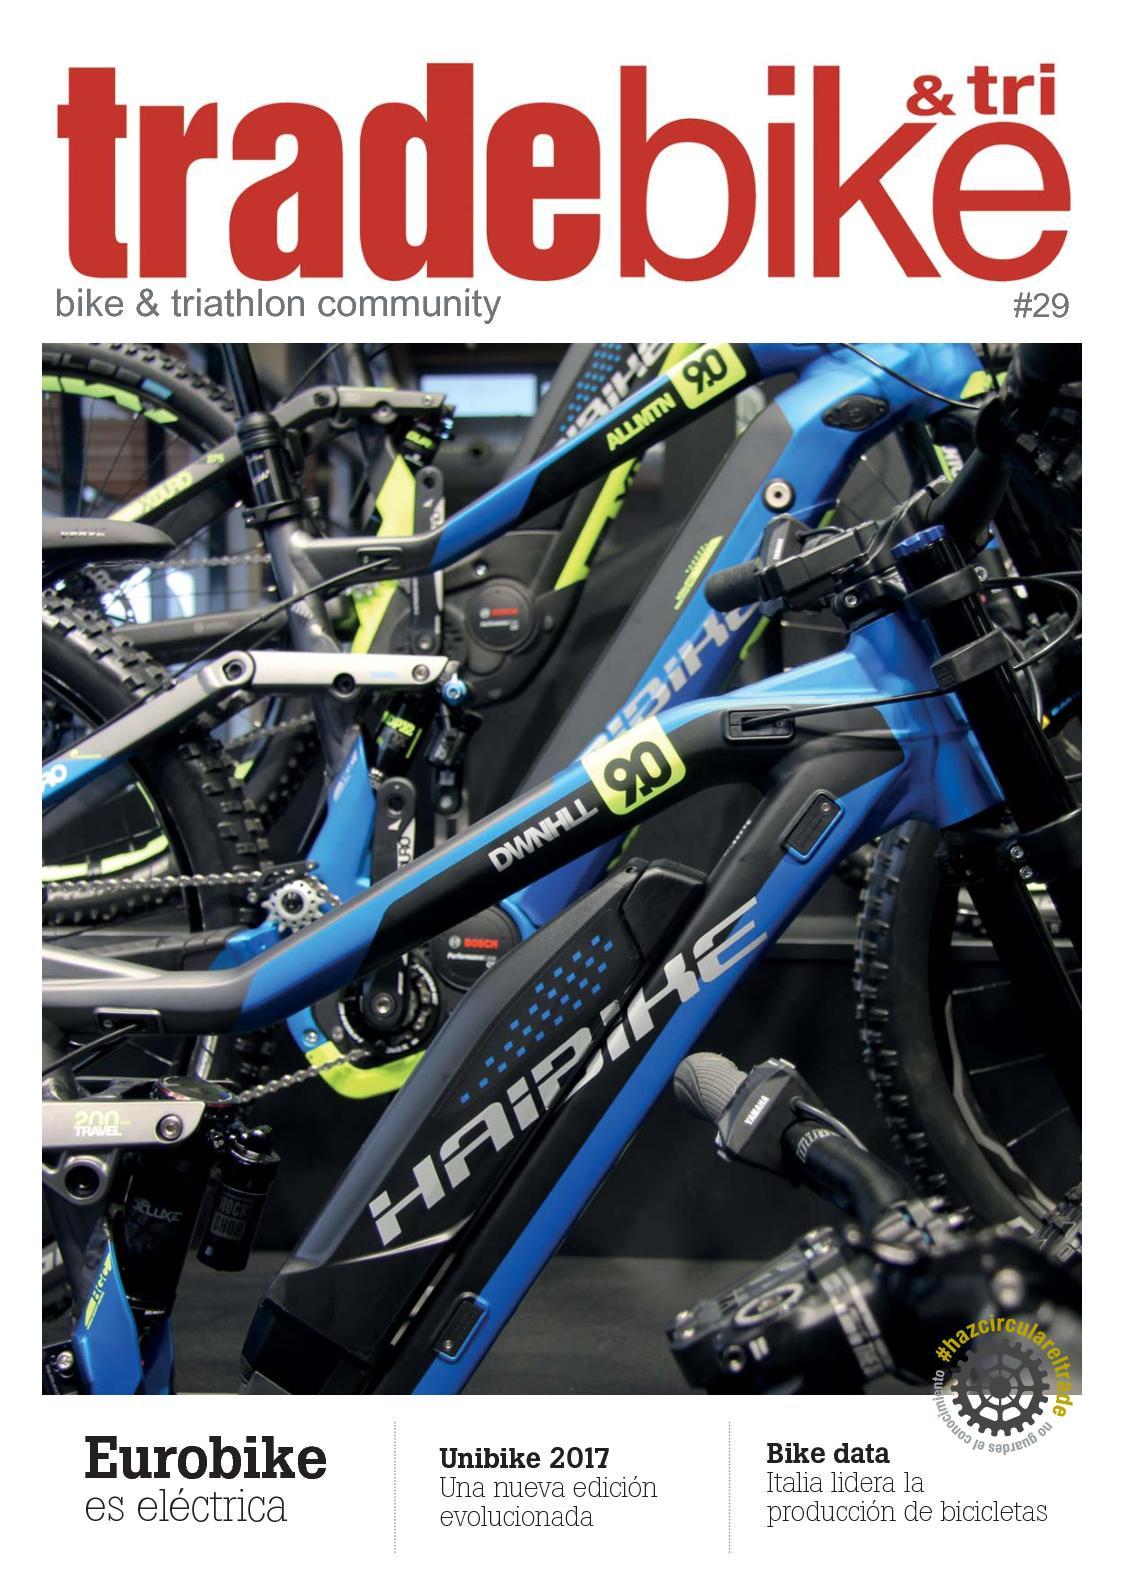 Calaméo - Tradebike&Tri 29 Especial Ferias